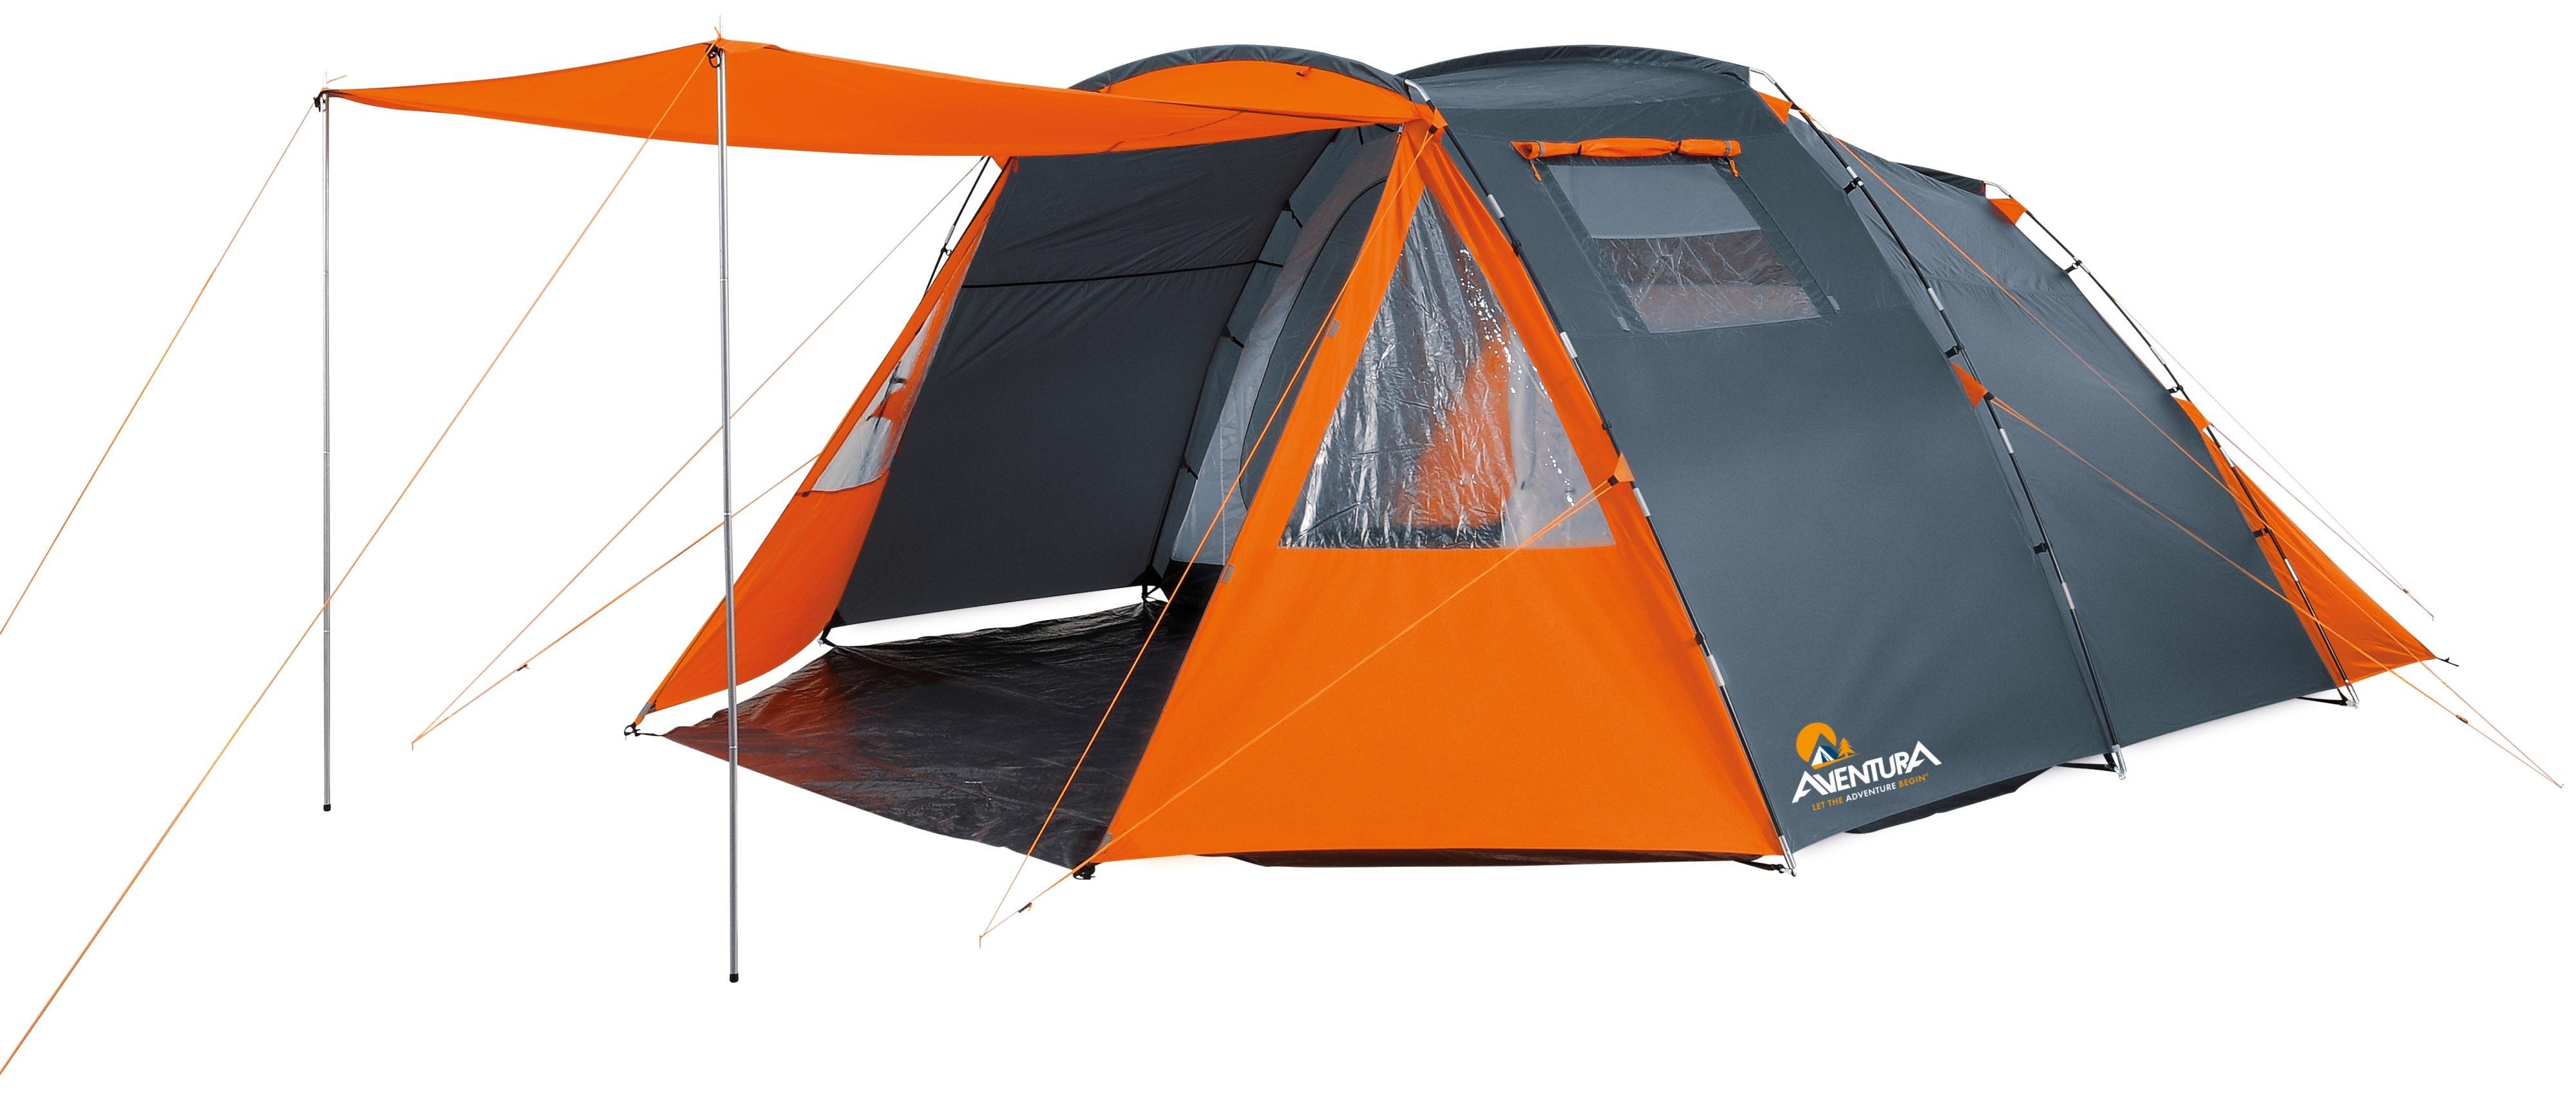 Aventura 6 Person Family Tent Grey Orange Tunnel Double